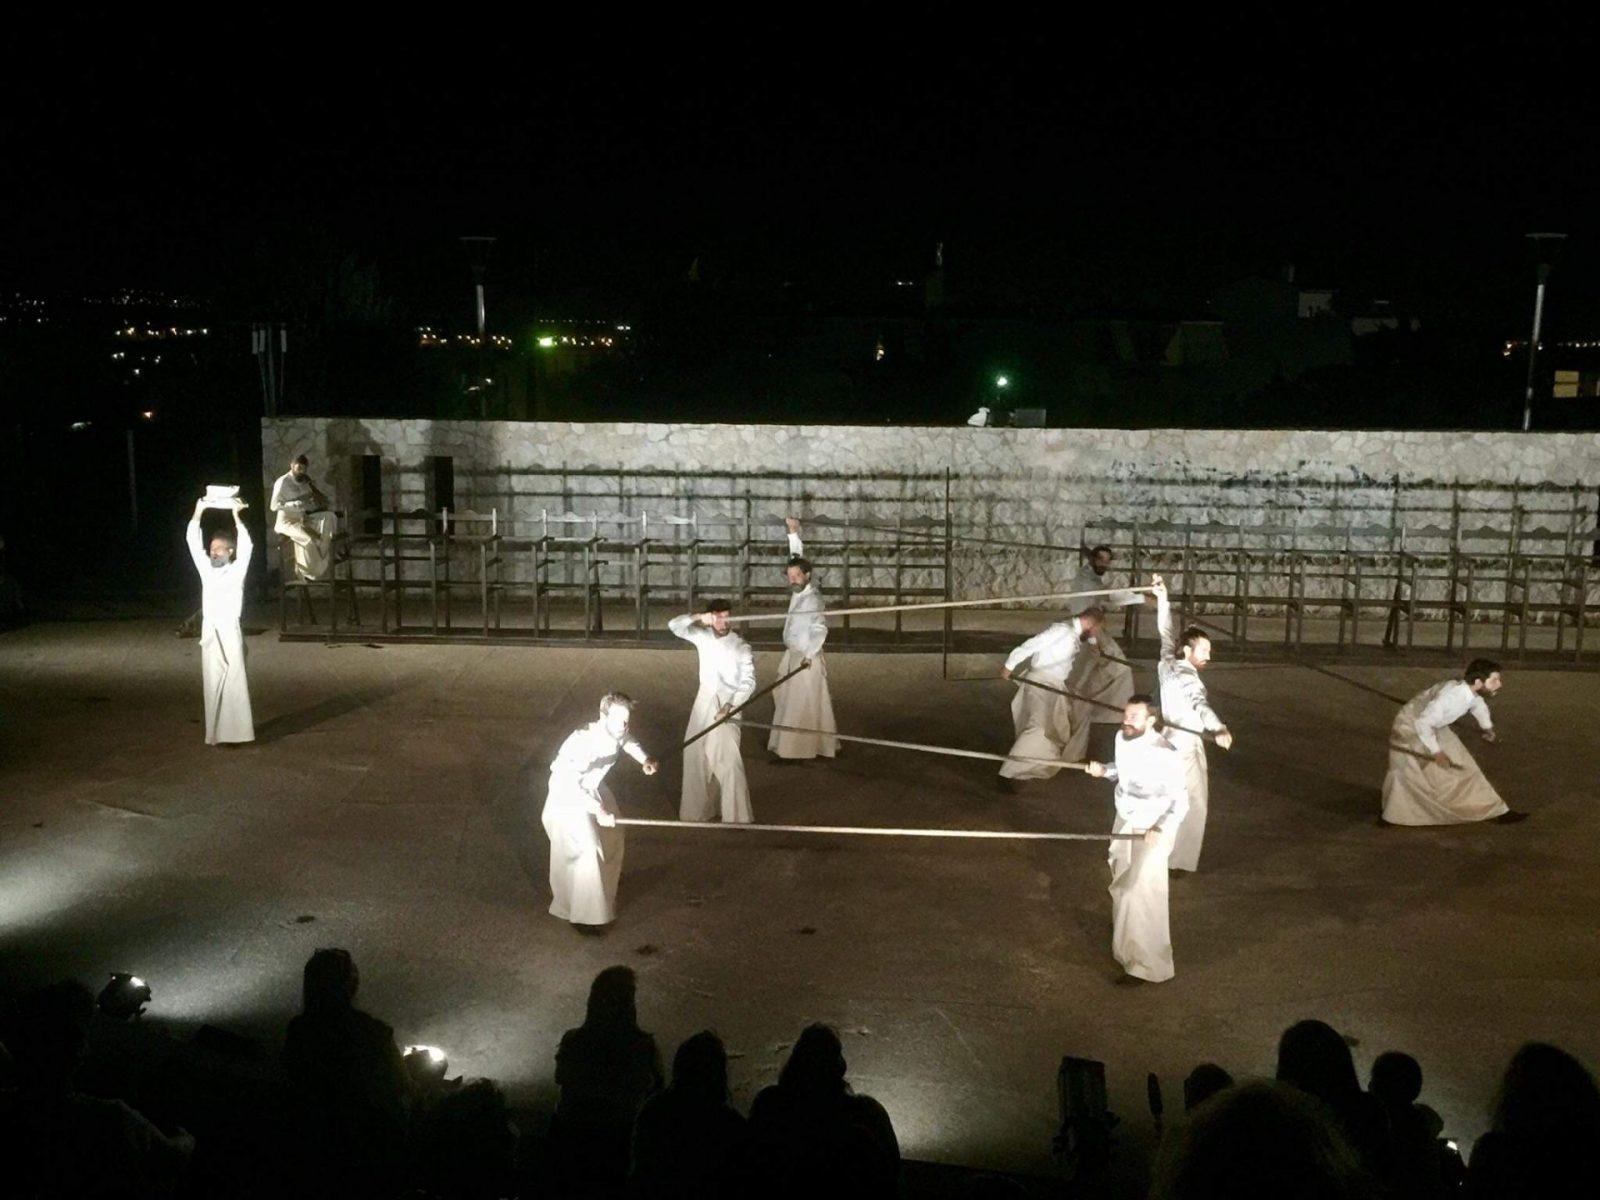 Εξαιρετική η πρώτη πολιτιστική εκδήλωση στο Δήμο Κρωπίας για το 2020 με τους «Πέρσες» από το Εθνικό Θέατρο